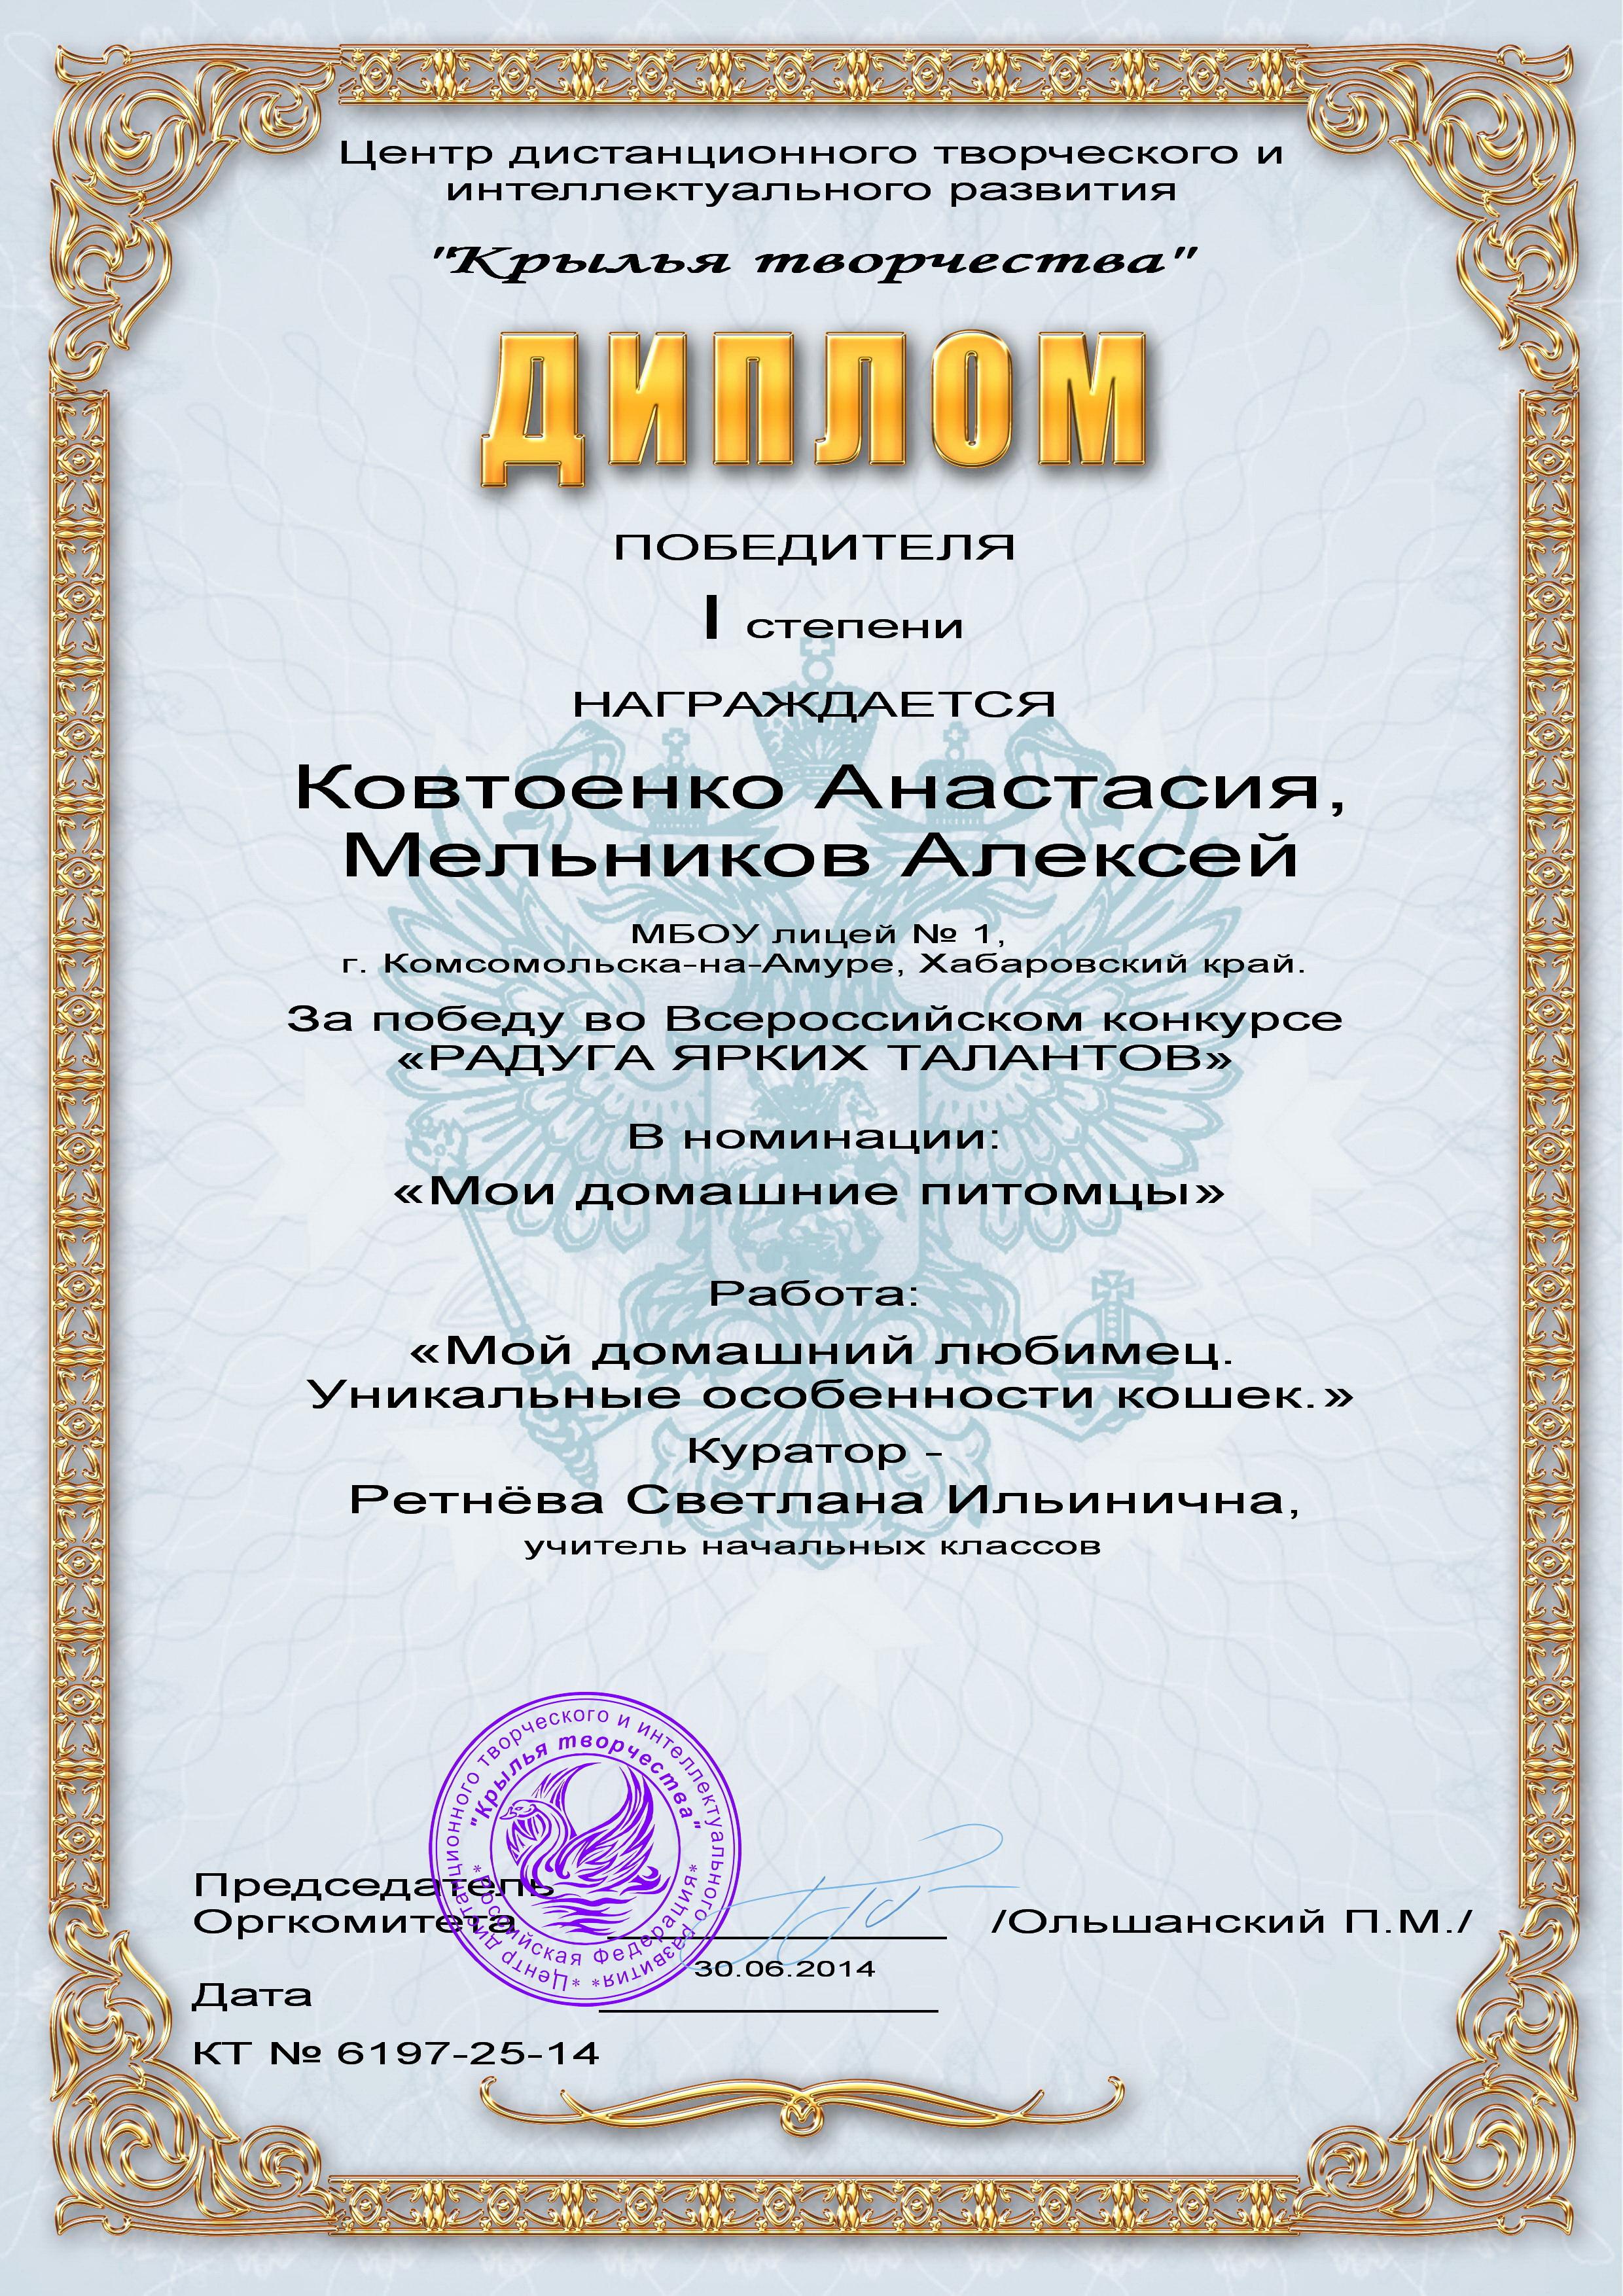 Диплом Ковтоенко и Мельникова.jpg